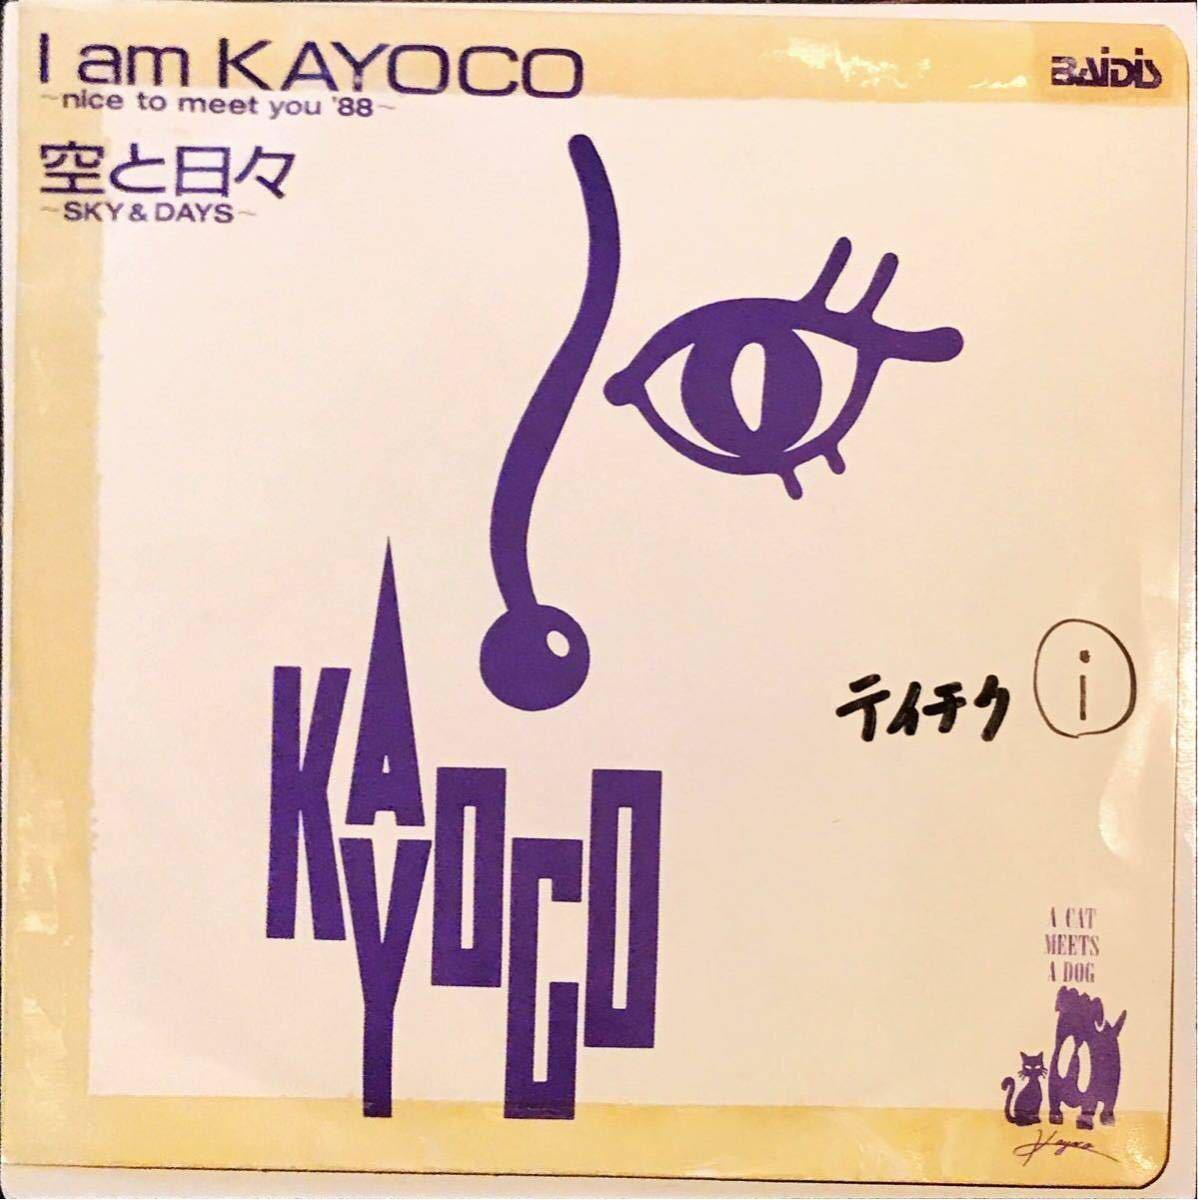 【試聴】和モノ非売品ROCK KAYOCO // I am KAYOCO / 空と日々 GROOVE歌謡 【EP】1988年プロモ見本盤オンリー 希少盤7inch_画像1